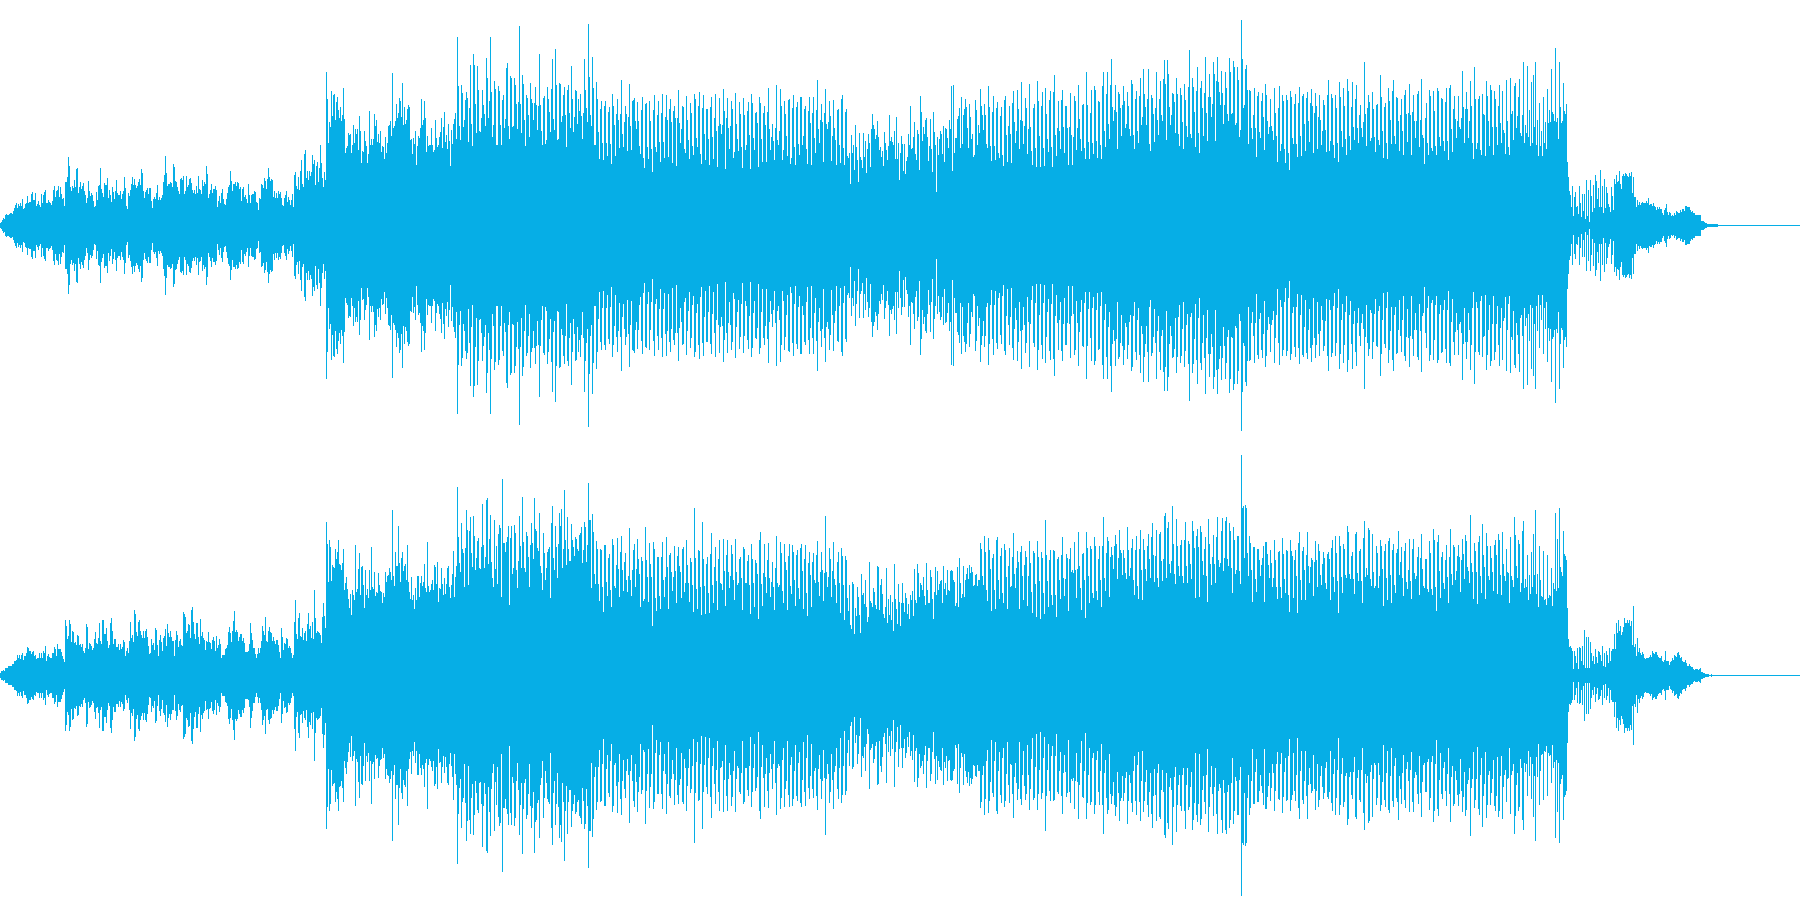 シーケンスフレーズ満載のデジタルビートの再生済みの波形